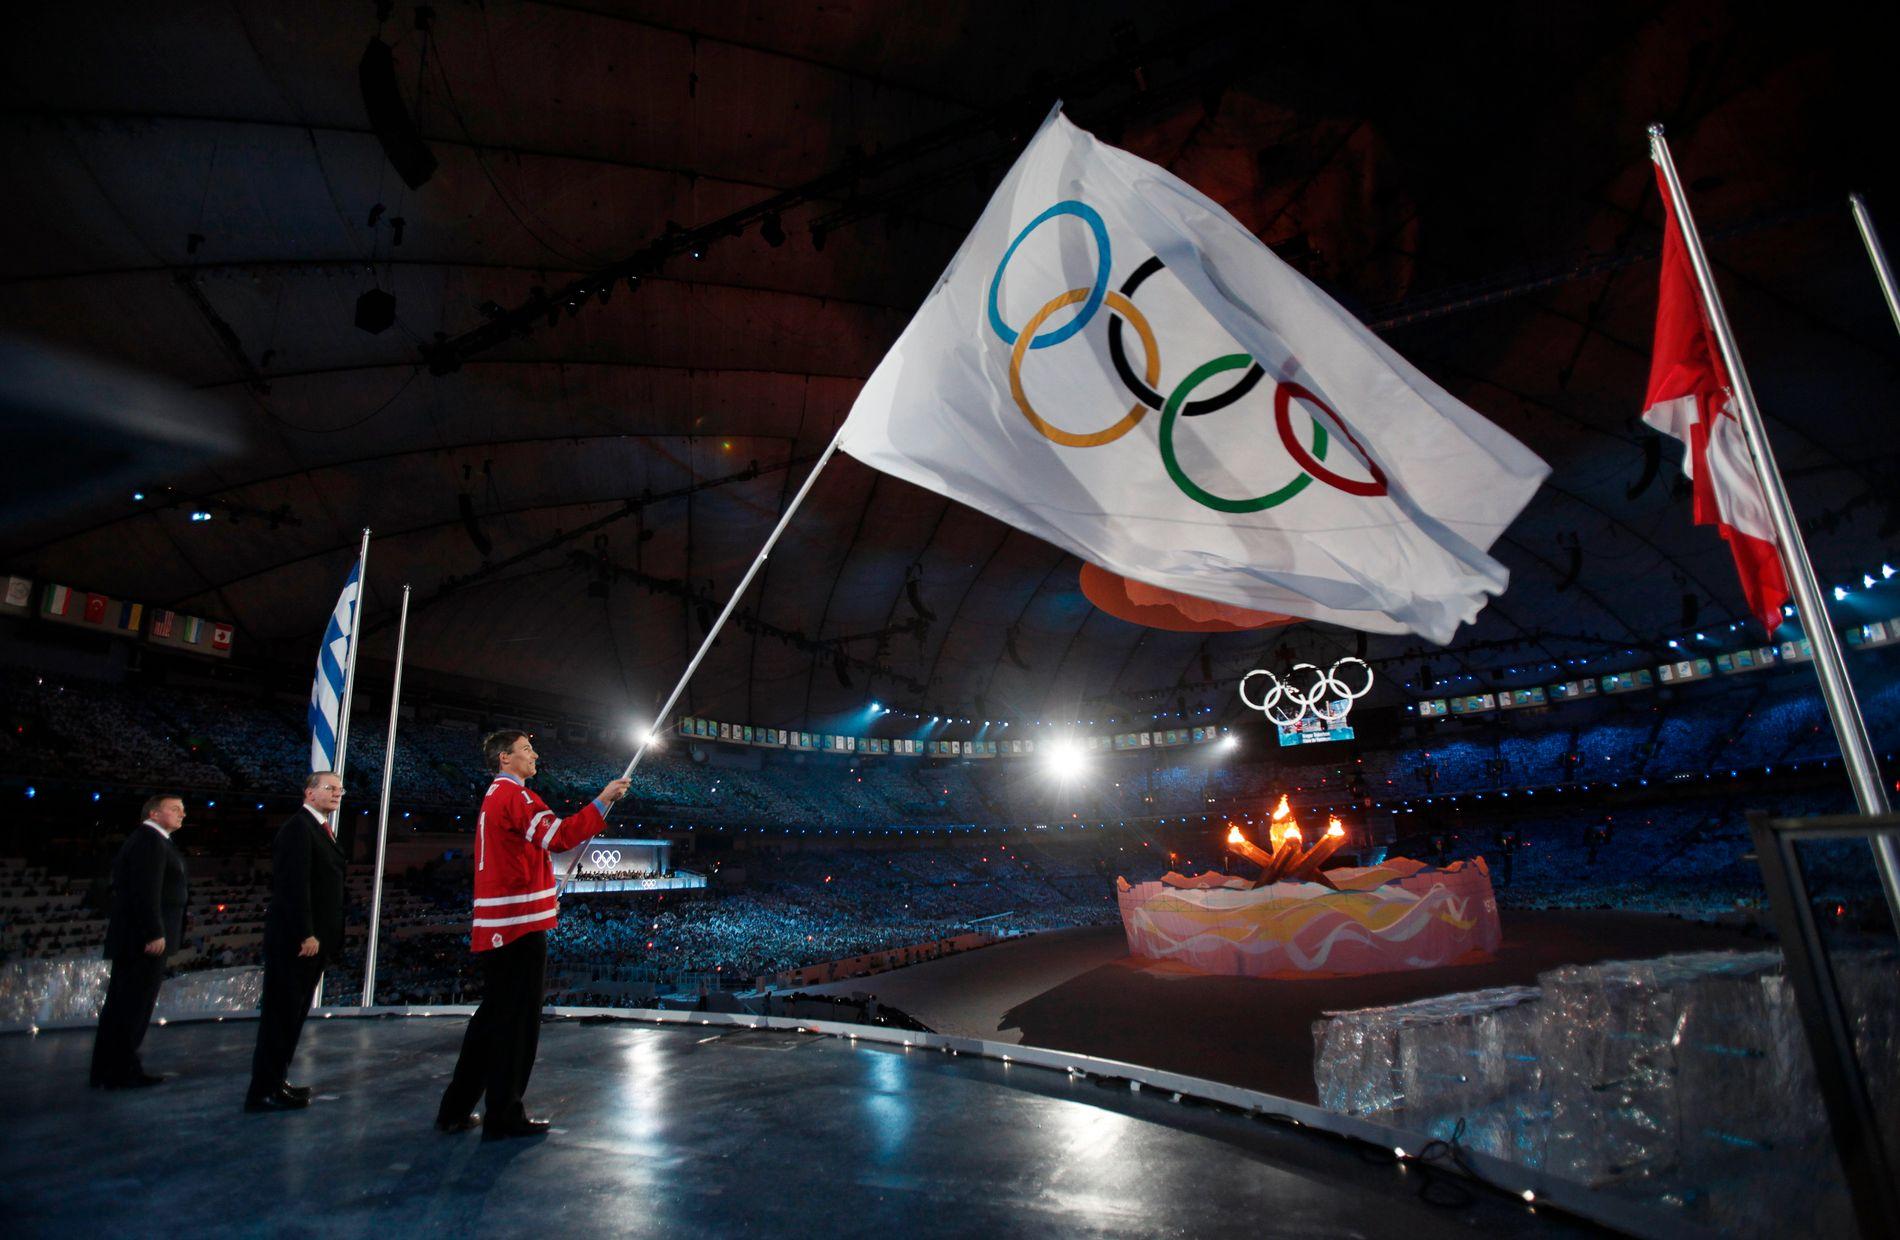 SNART KLART FOR NYTT OL: Om fire måneder starter OL i Pyeongchang. Bildet er fra avslutningsseremonien i 2010.